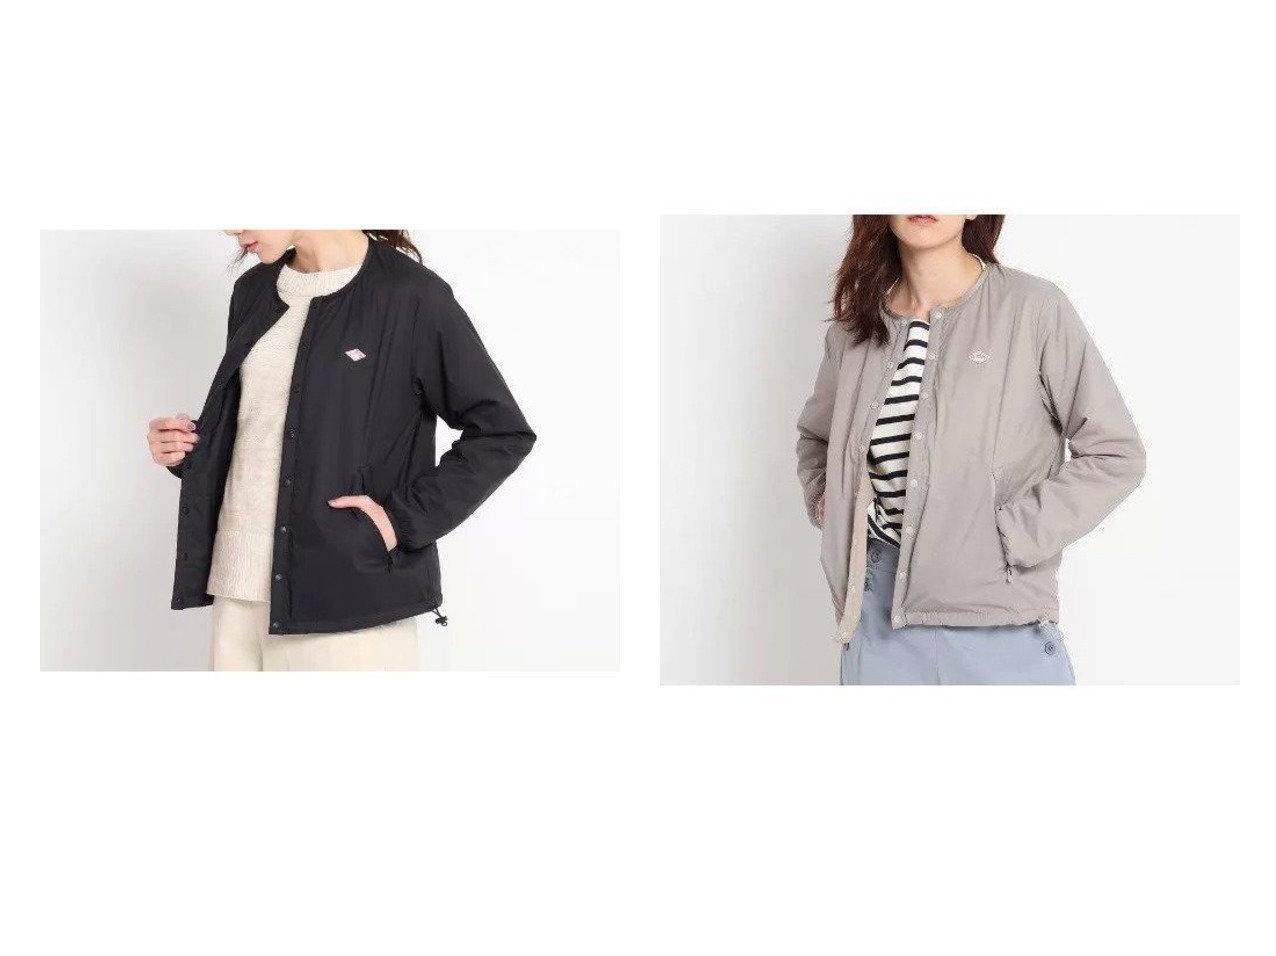 【Dessin/デッサン】のDANTON 中綿インナージャケット アウターのおすすめ!人気、トレンド・レディースファッションの通販 おすすめで人気の流行・トレンド、ファッションの通販商品 メンズファッション・キッズファッション・インテリア・家具・レディースファッション・服の通販 founy(ファニー) https://founy.com/ ファッション Fashion レディースファッション WOMEN アウター Coat Outerwear ジャケット Jackets インナー コンパクト ジャケット ストレッチ ポケット  ID:crp329100000022705